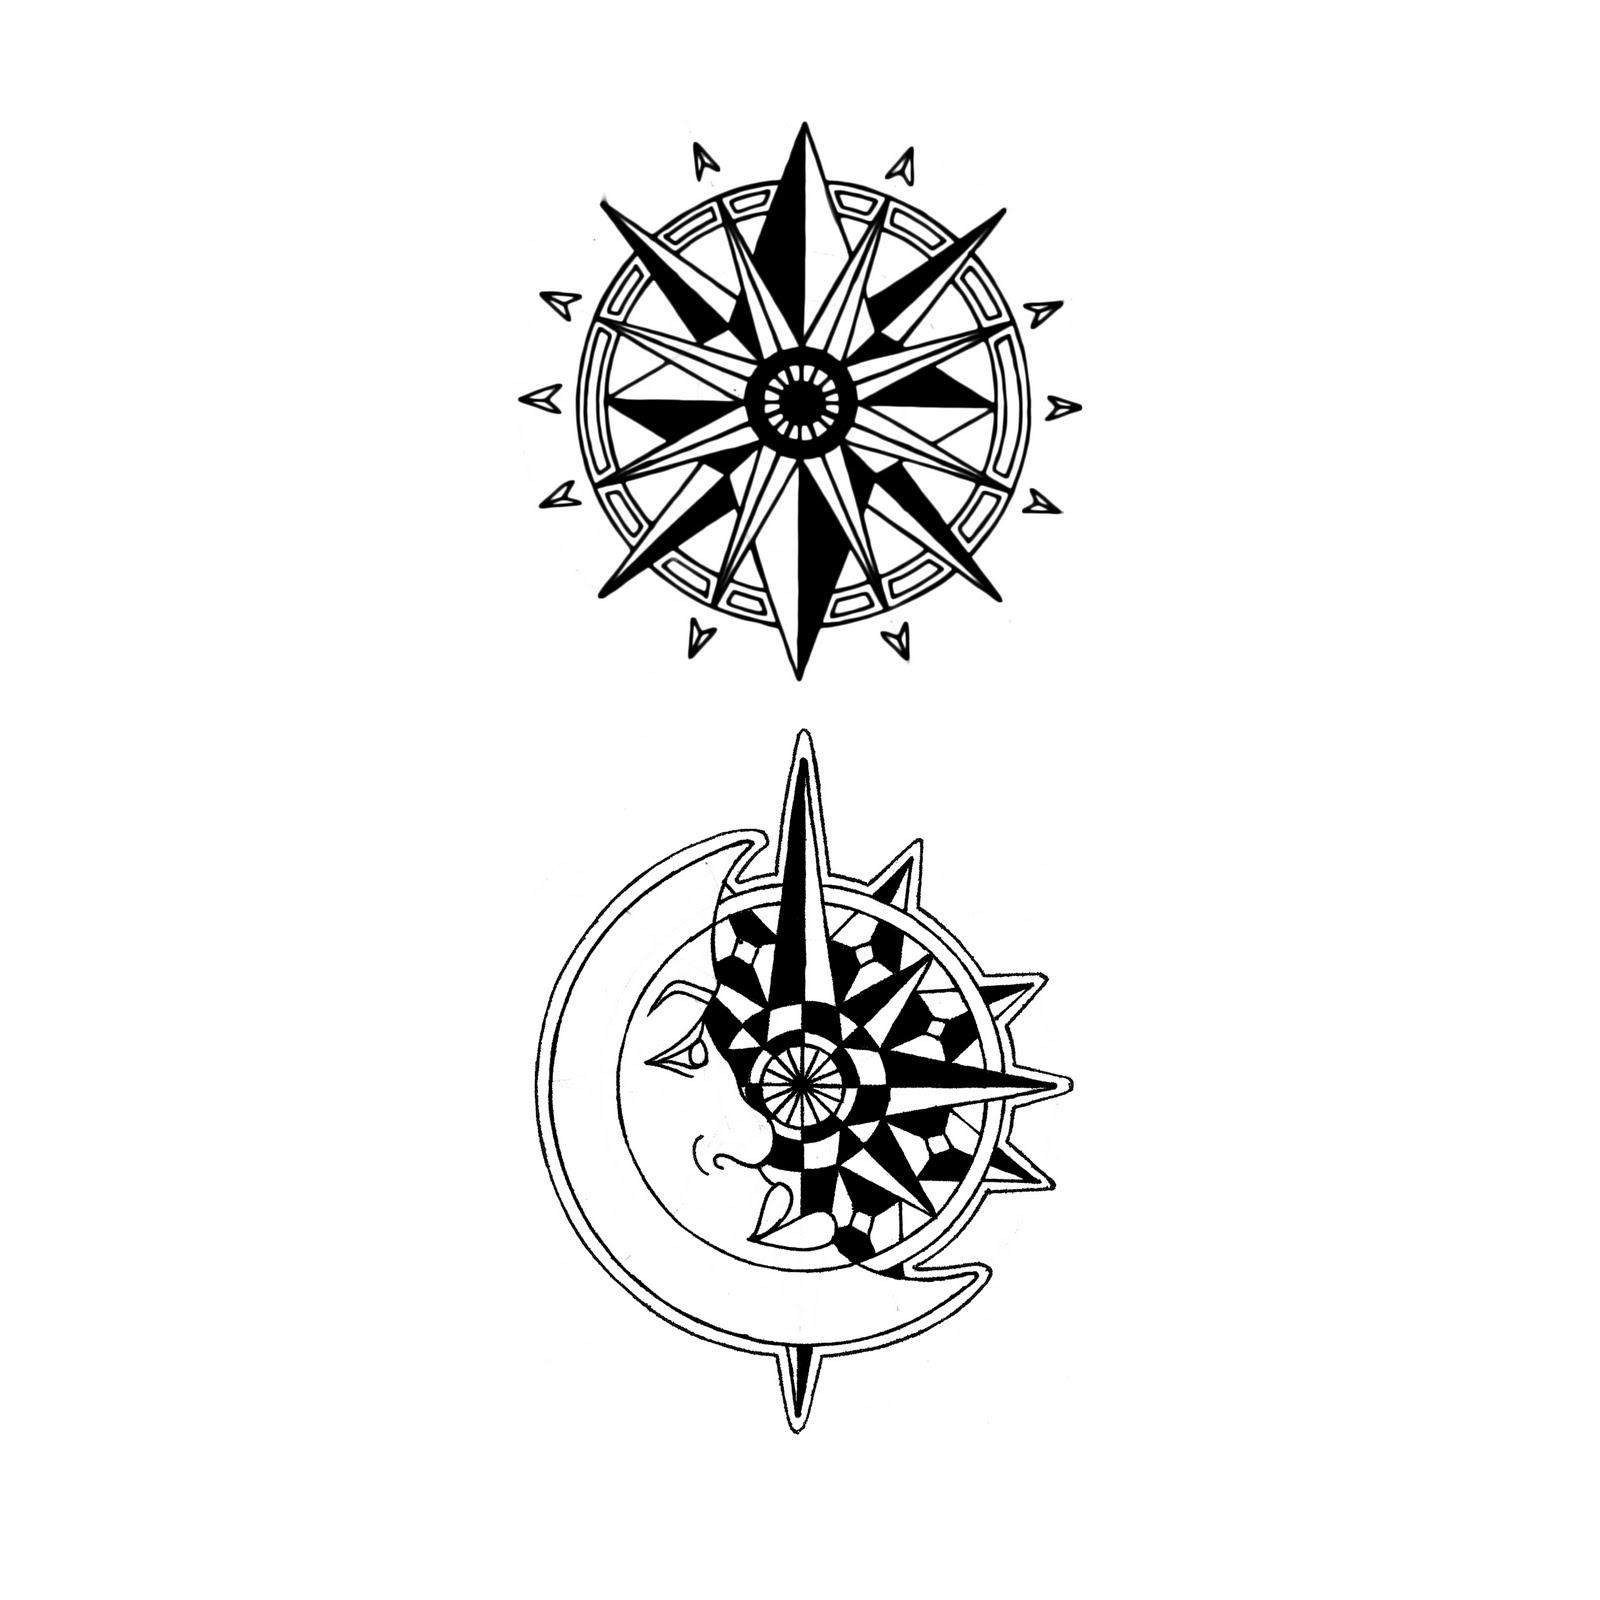 Compass Rose Tattoo Designs Clipart Best